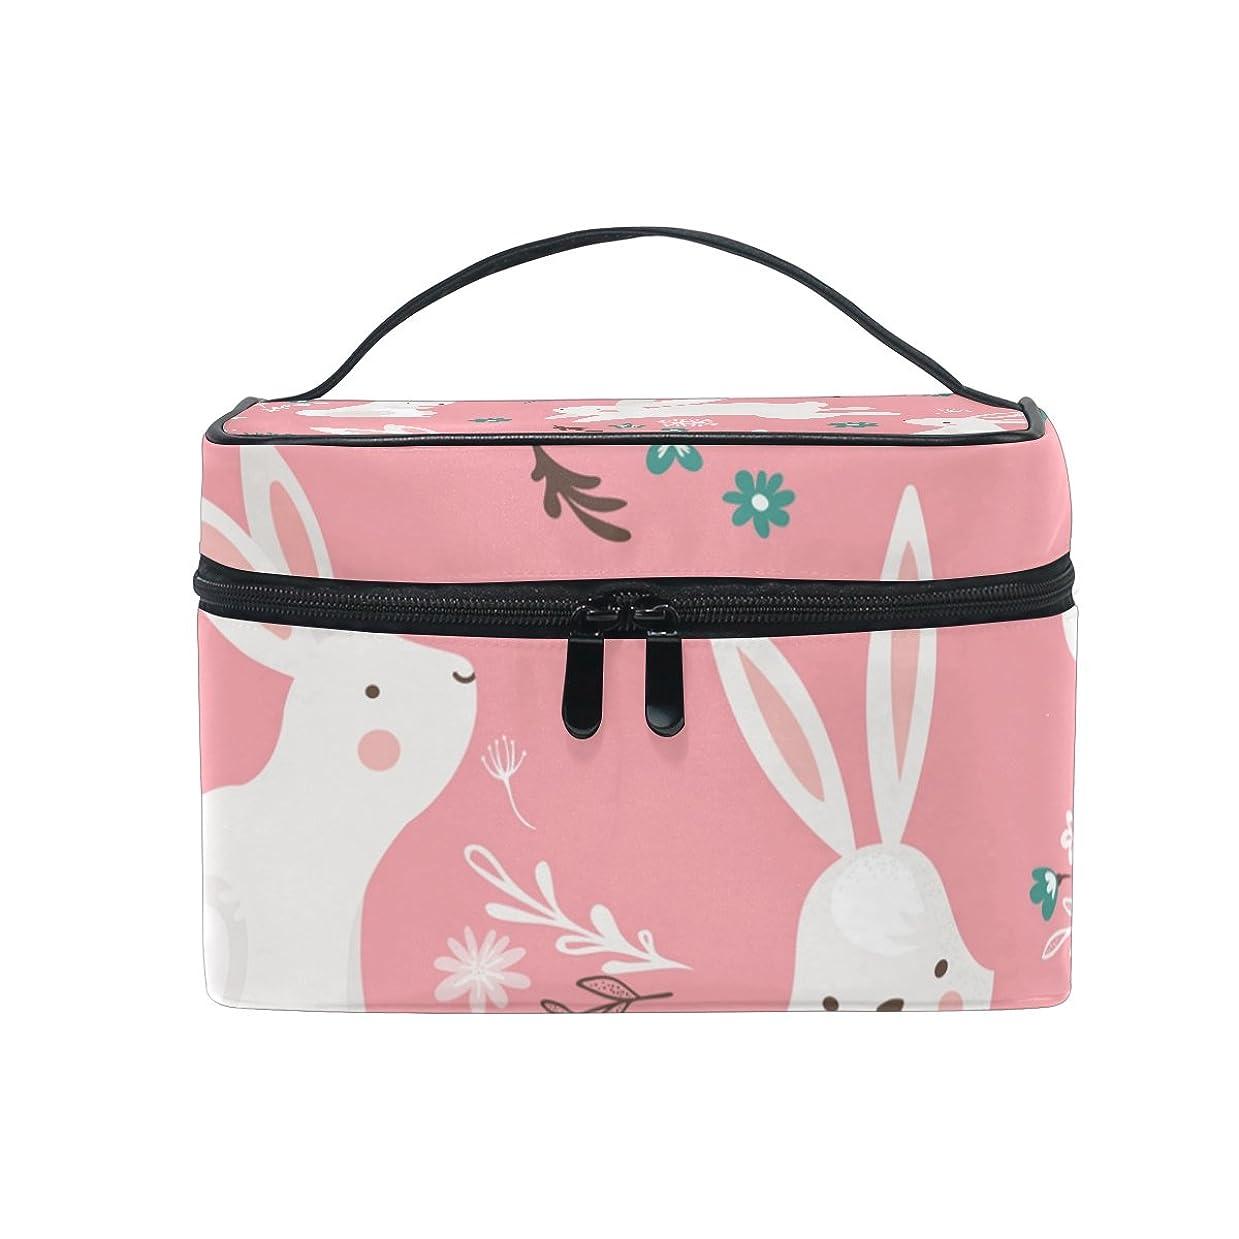 正確さあいまいさ青ALAZA 化粧ポーチ 兎柄 うさぎ柄 化粧 メイクボックス 収納用品 ピンク 大きめ かわいい